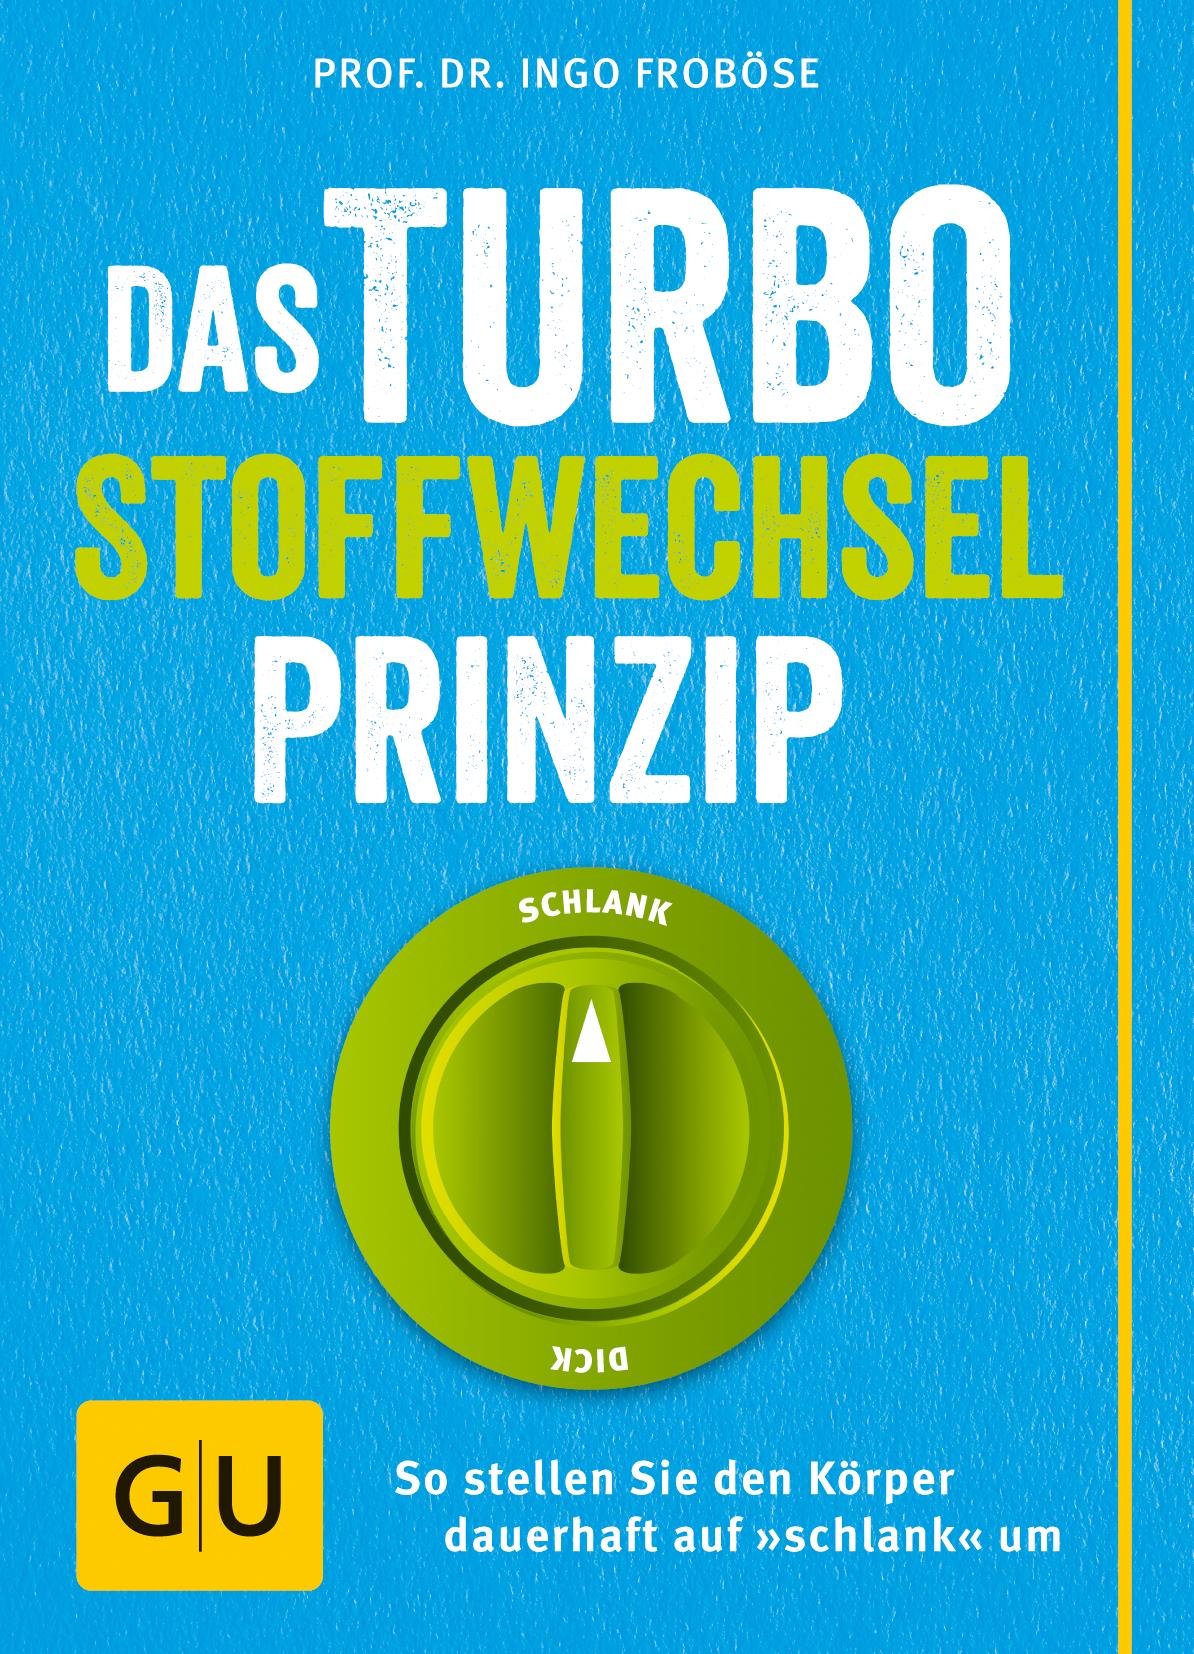 Das Turbo-Stoffwechsel-Prinzip: So stellen Sie den Körper dauerhaft auf schlank um - Ingo Froböse